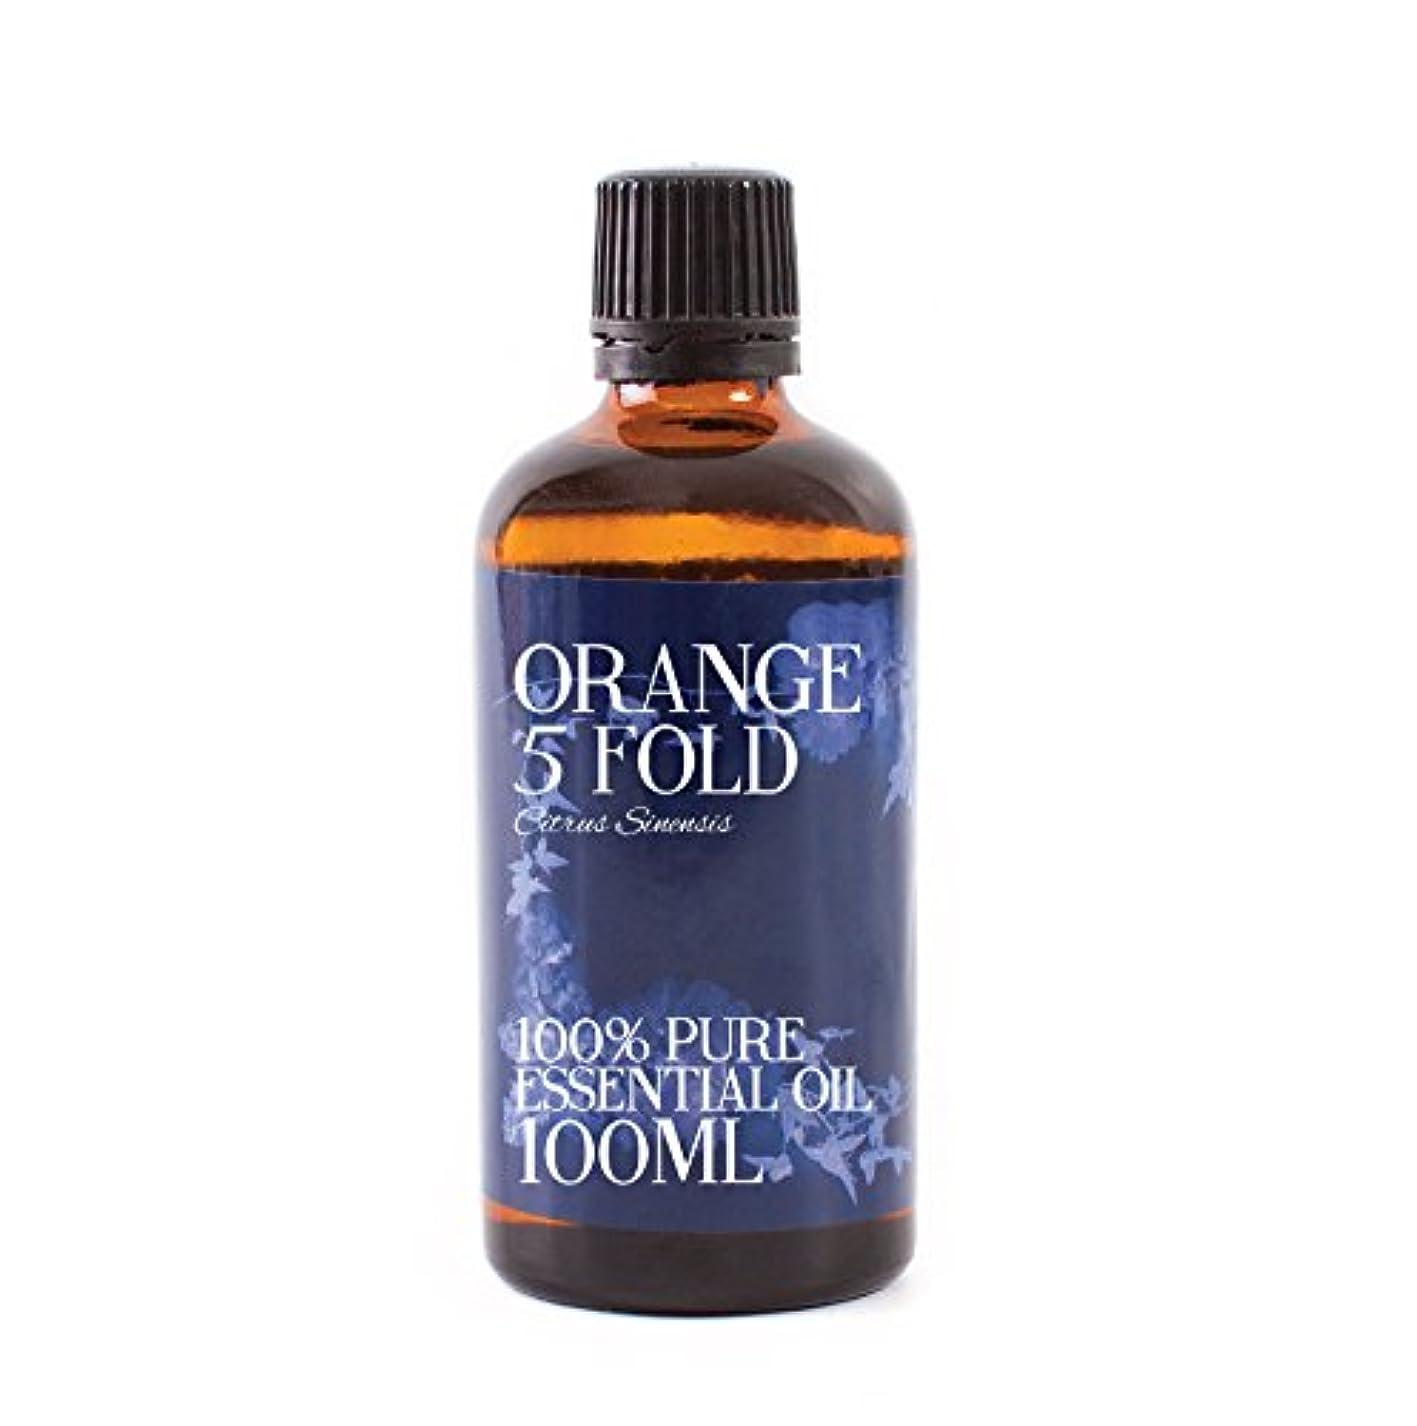 重力オーストラリア人あからさまMystic Moments | Orange 5 Fold Essential Oil - 100ml - 100% Pure